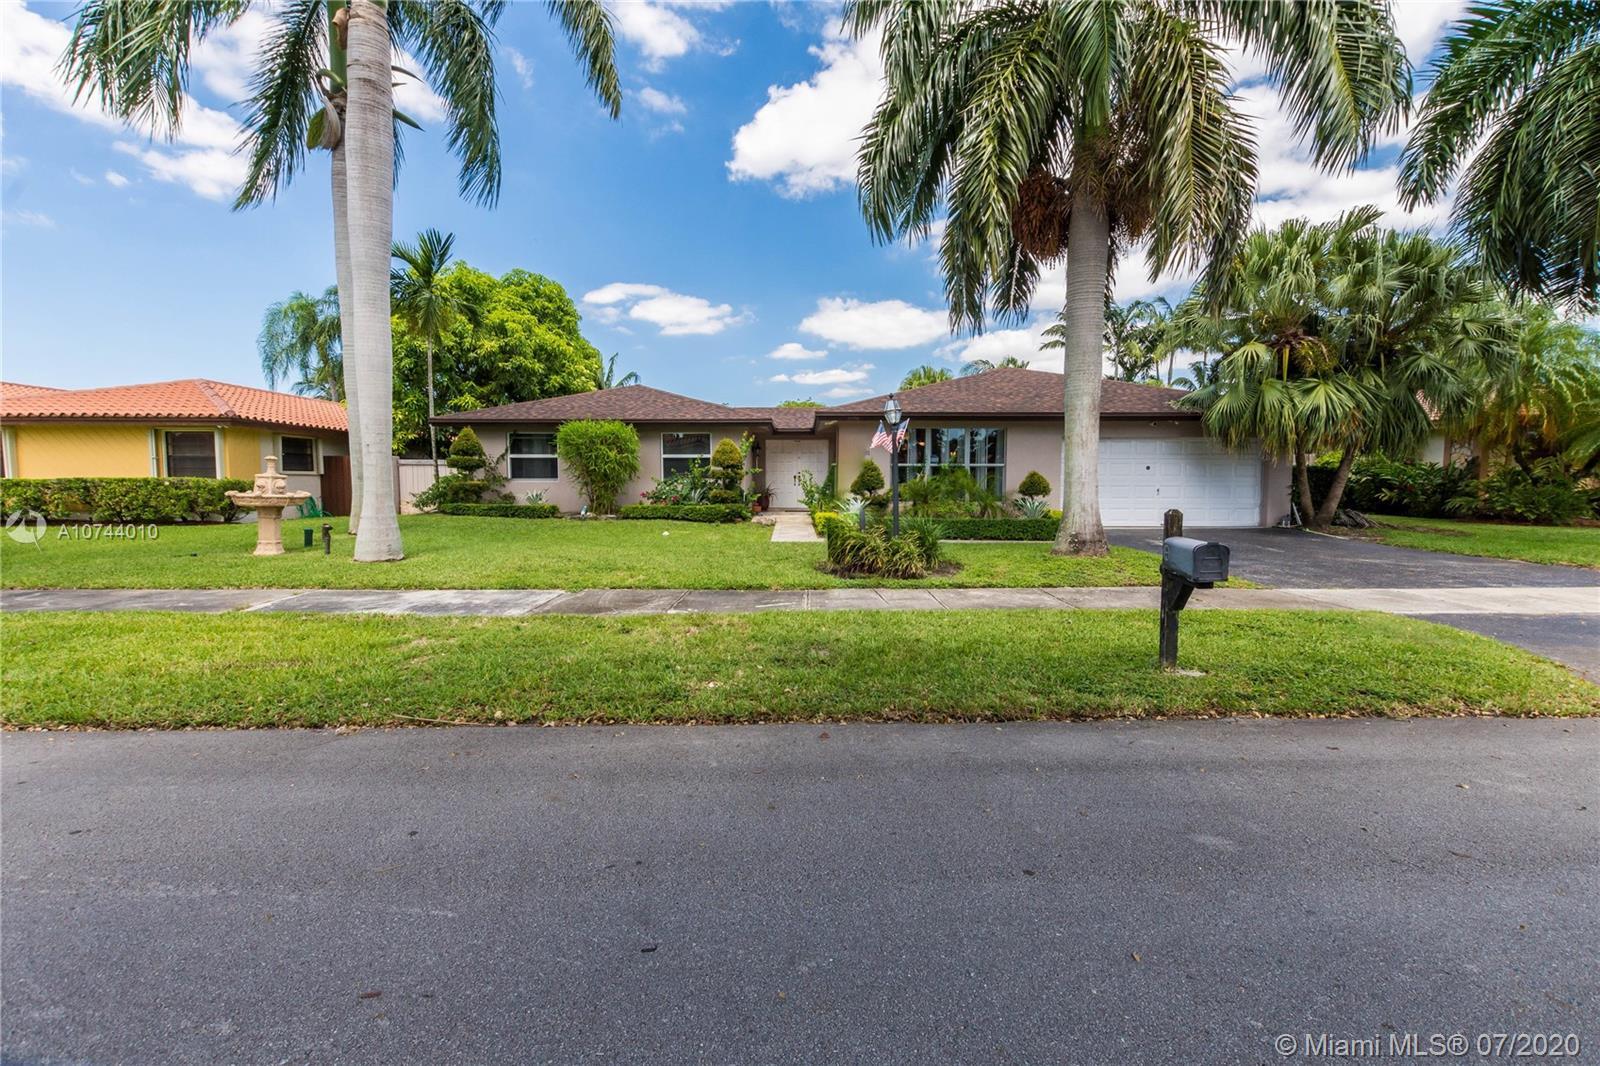 12101 SW 97th Ter, Miami, FL 33186